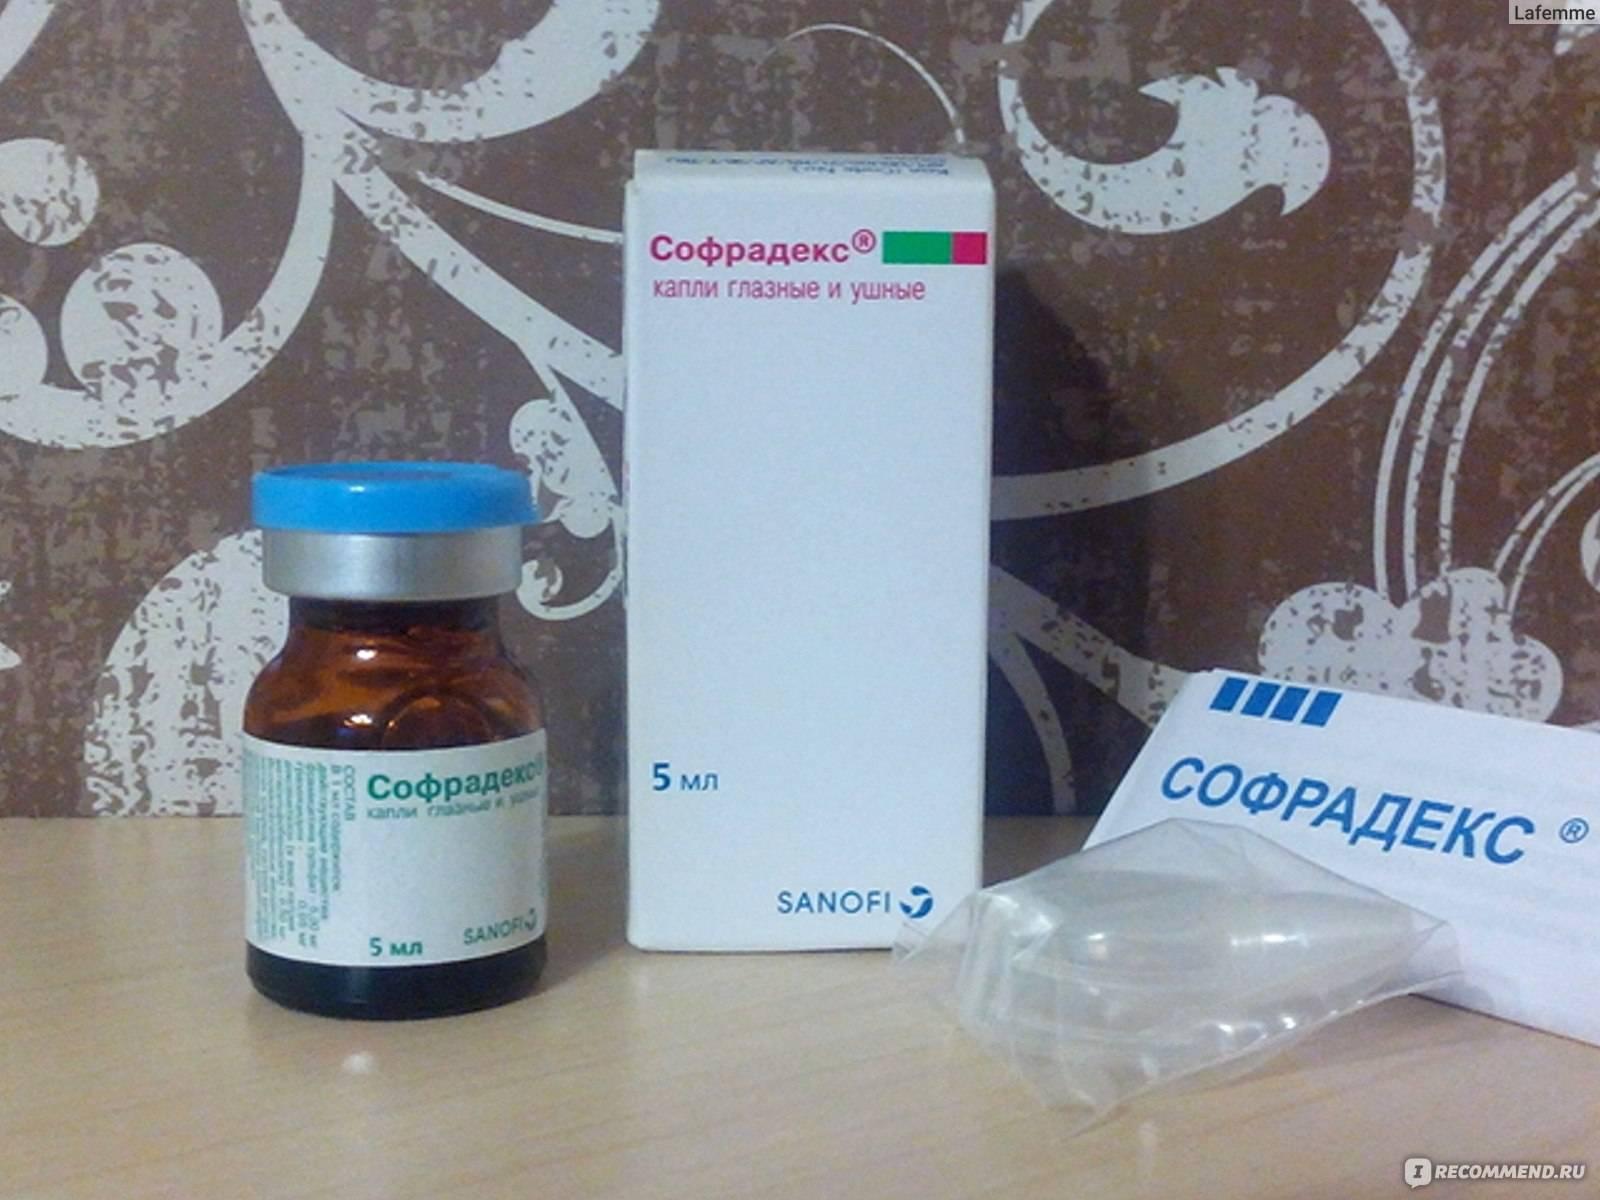 Софрадекс инструкция по применению: глазные капли взрослым, дешевые ушные аналоги, от чего лекарство, мазь для глаз